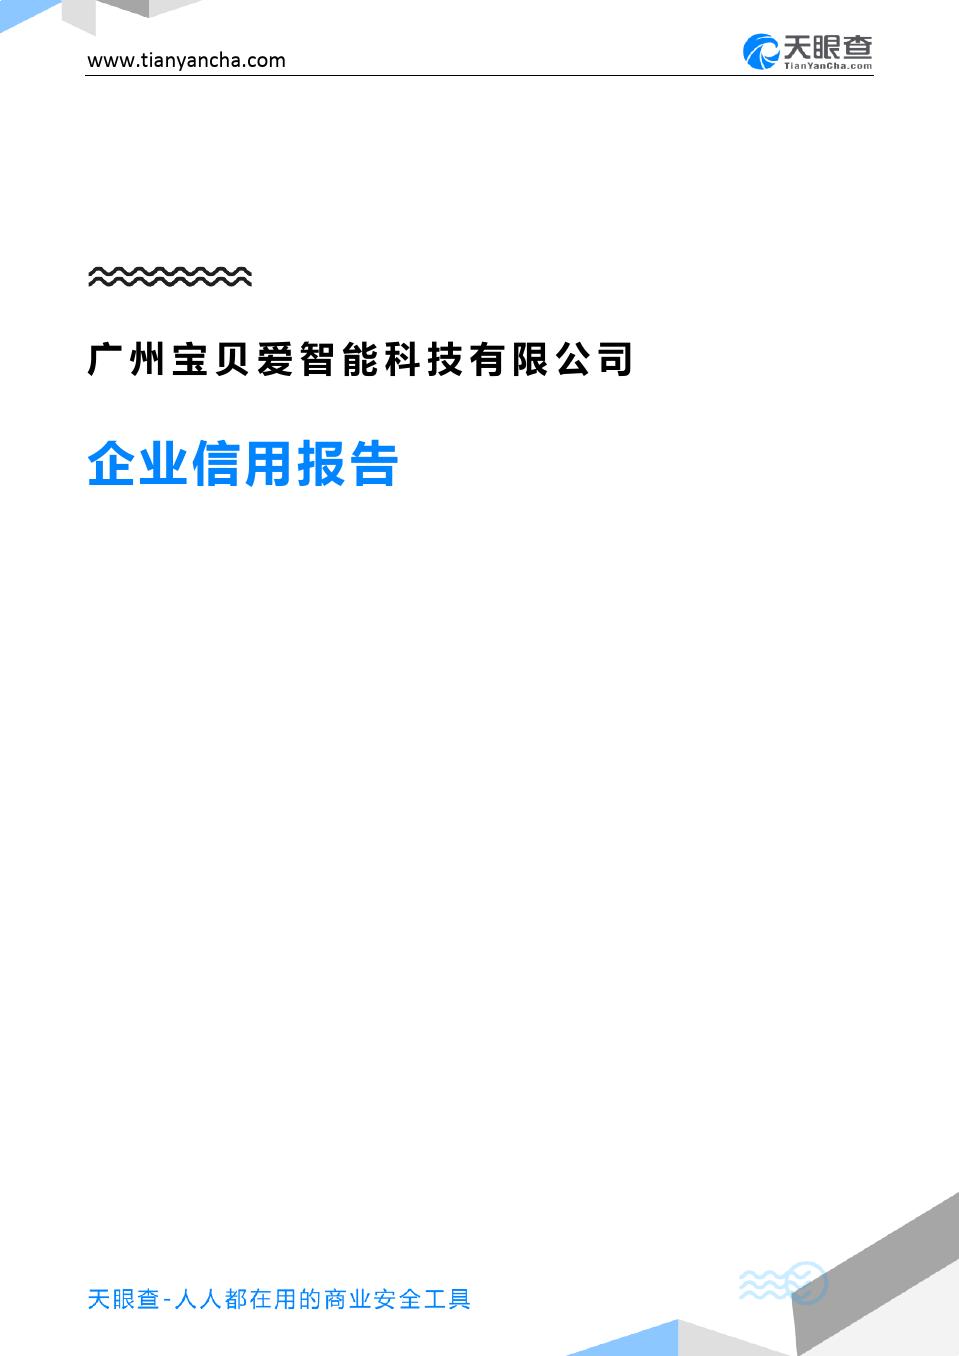 广州宝贝爱智能科技有限公司(企业信用报告)- 天眼查